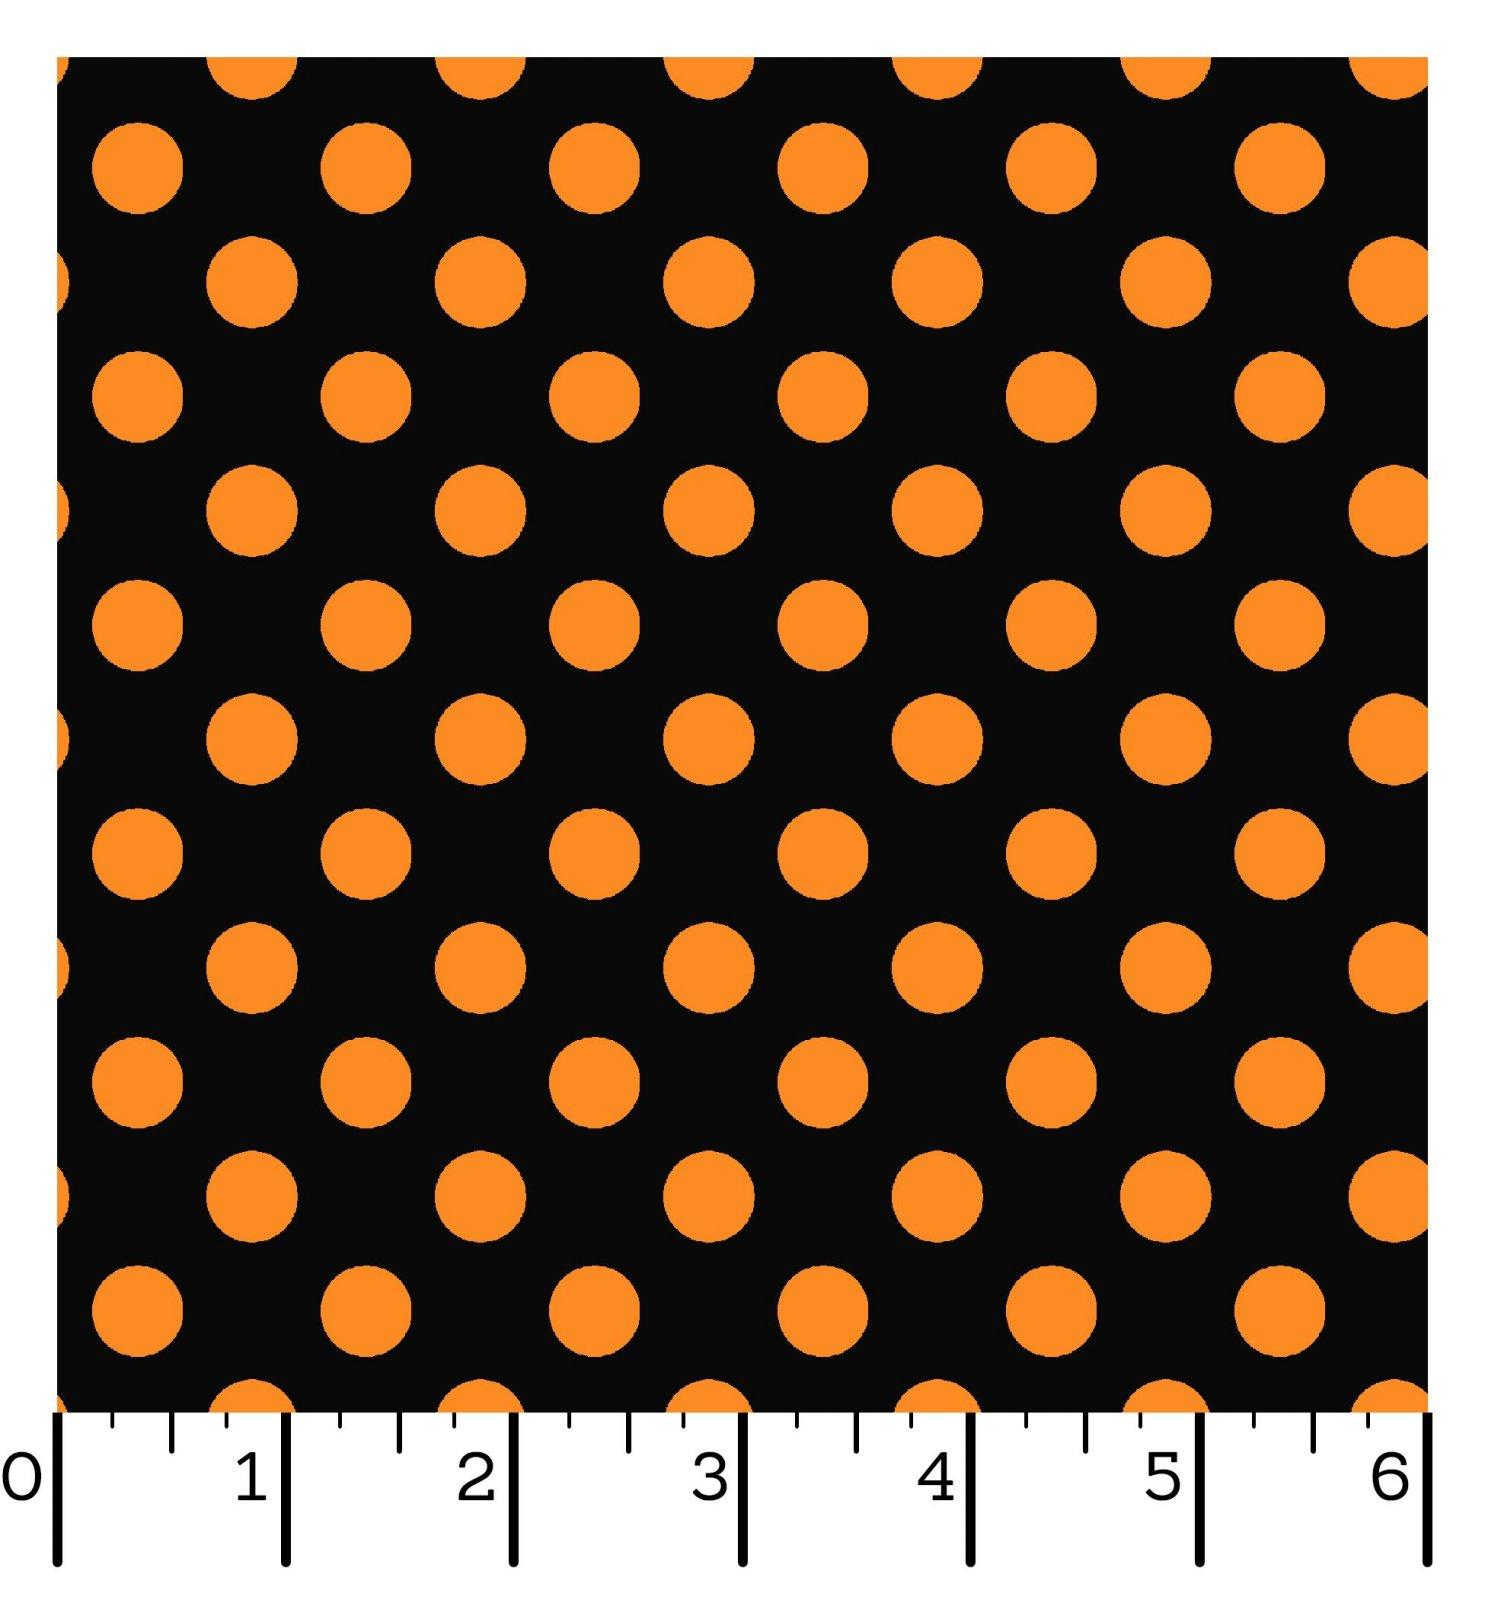 EESC-8216 JO - HOMETOWN HALLOWEEN BY KIMBERBELL DOTS BLACK/ORANGE - ARRIVING IN JULY 2021